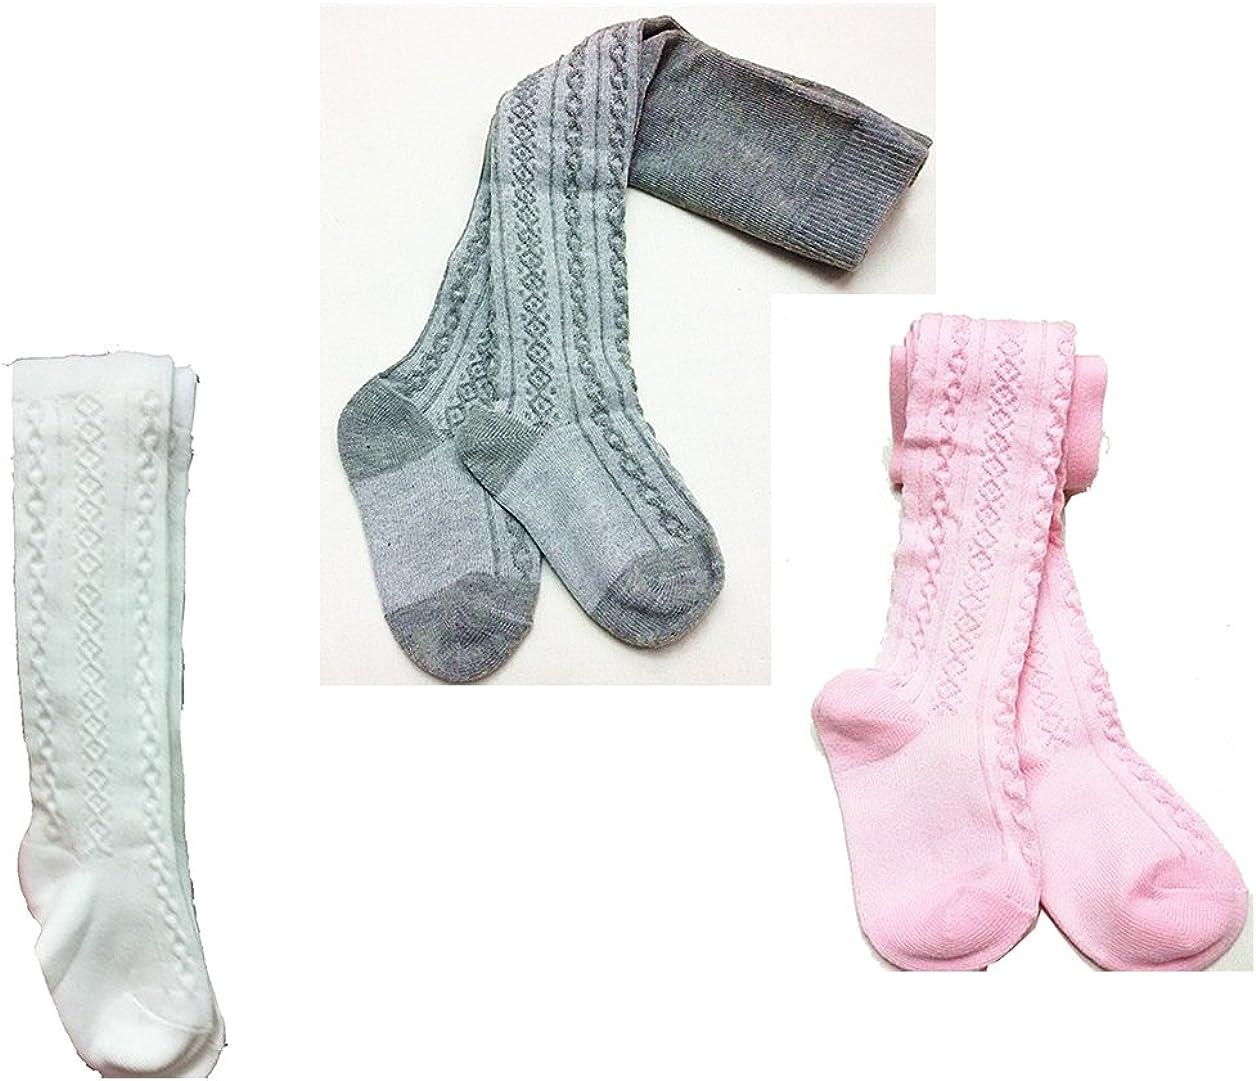 Girls Tights Stockings Baby Girl Pantyhose Child Pantyhose Kids Long Stockings Cotton Tights For Girl